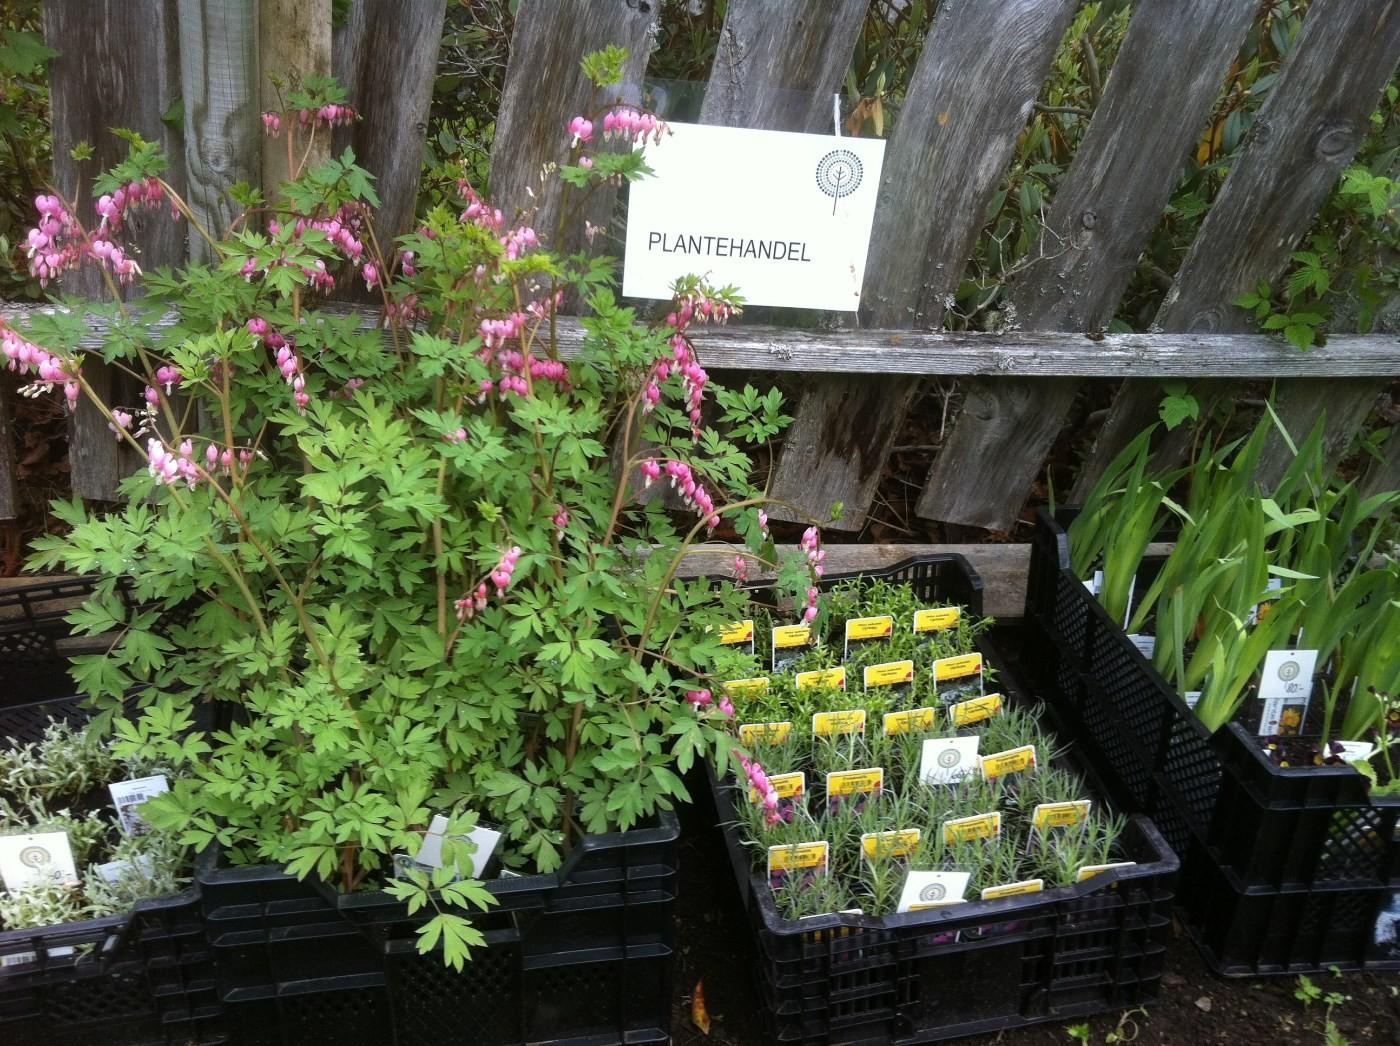 Staudar frå Oldemors hage får du no kjøpt i arboretet.  Foto: Katarina Wedelsbäck